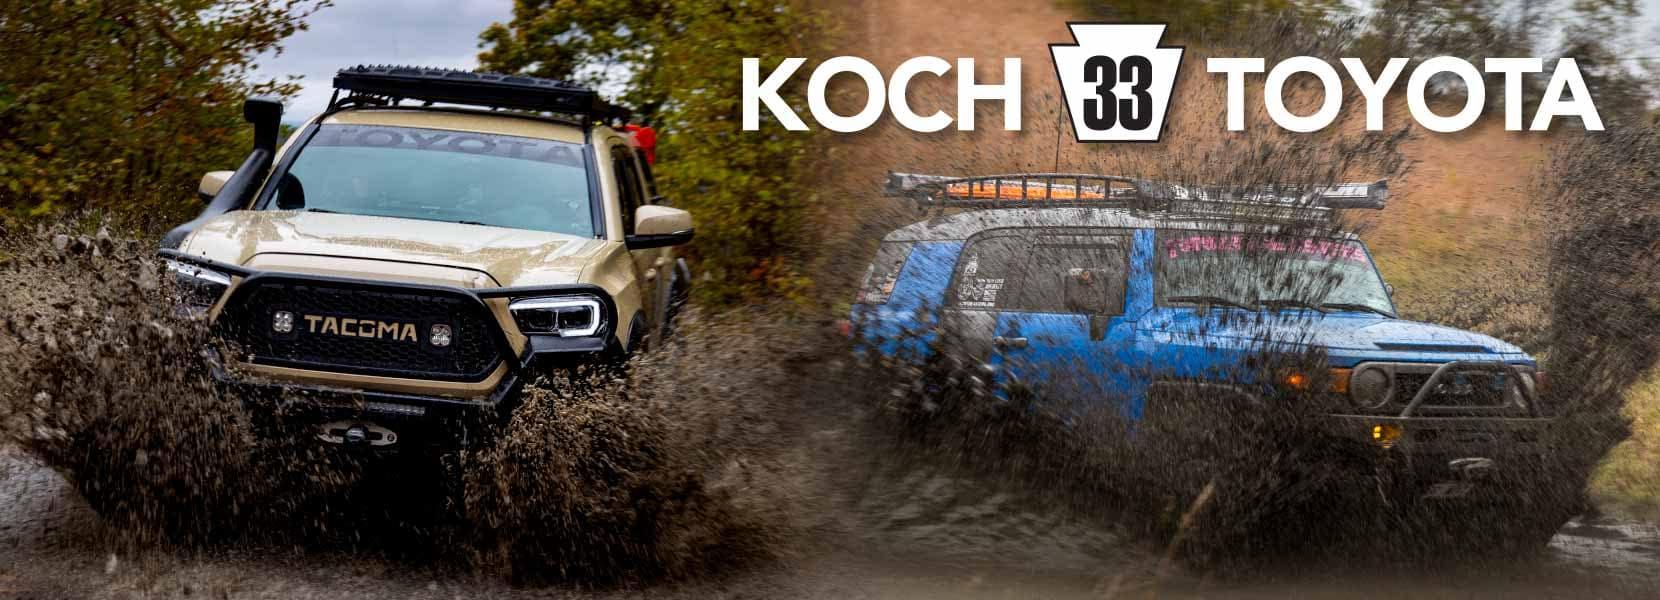 Koch 33 Toyota Offroad